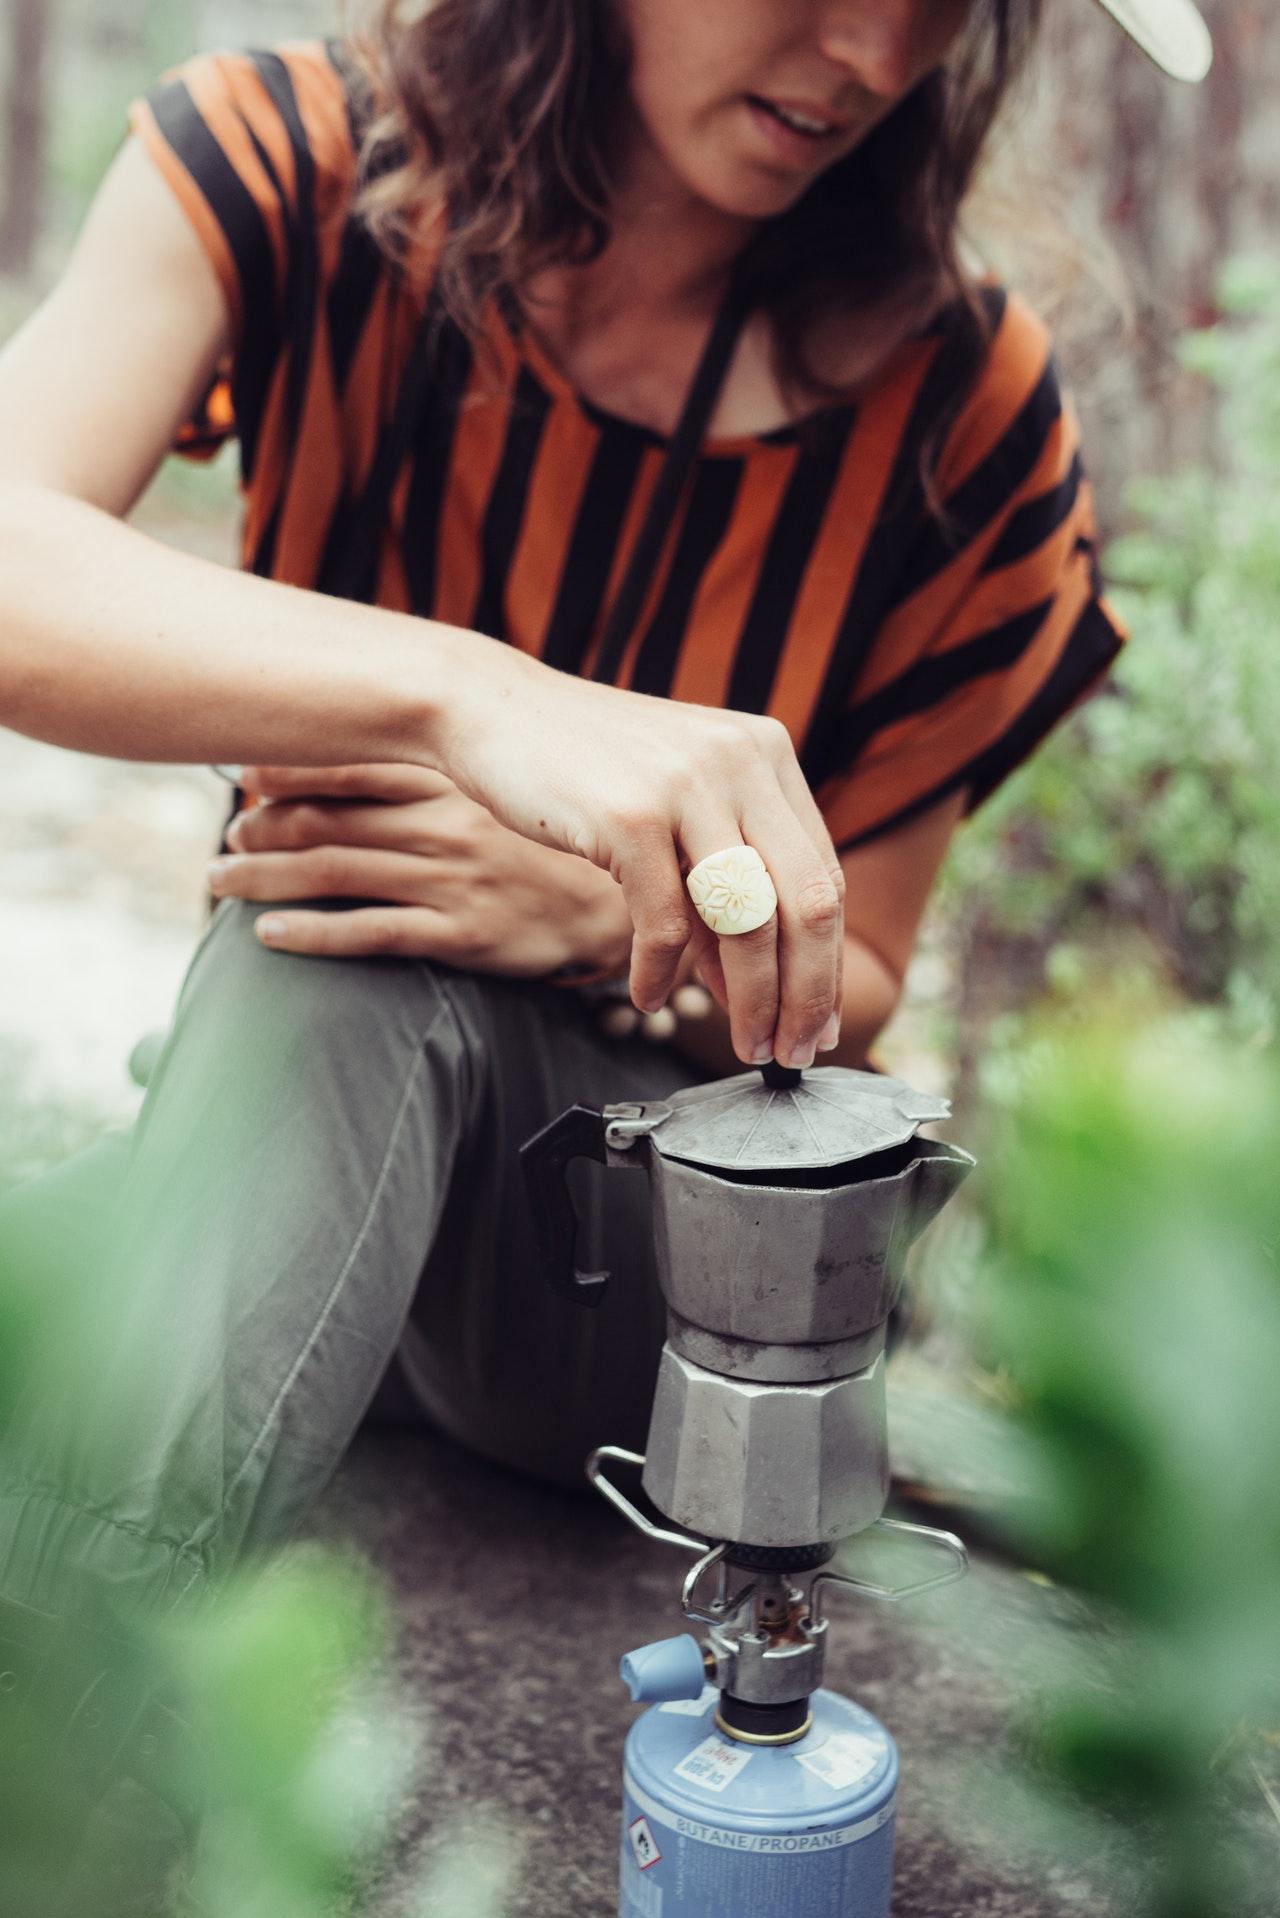 Kaffeekocher werden besonders häufig für den Outdoor-Bereich verwendet. Sie eignen sich gut für kleine Campingkocher.